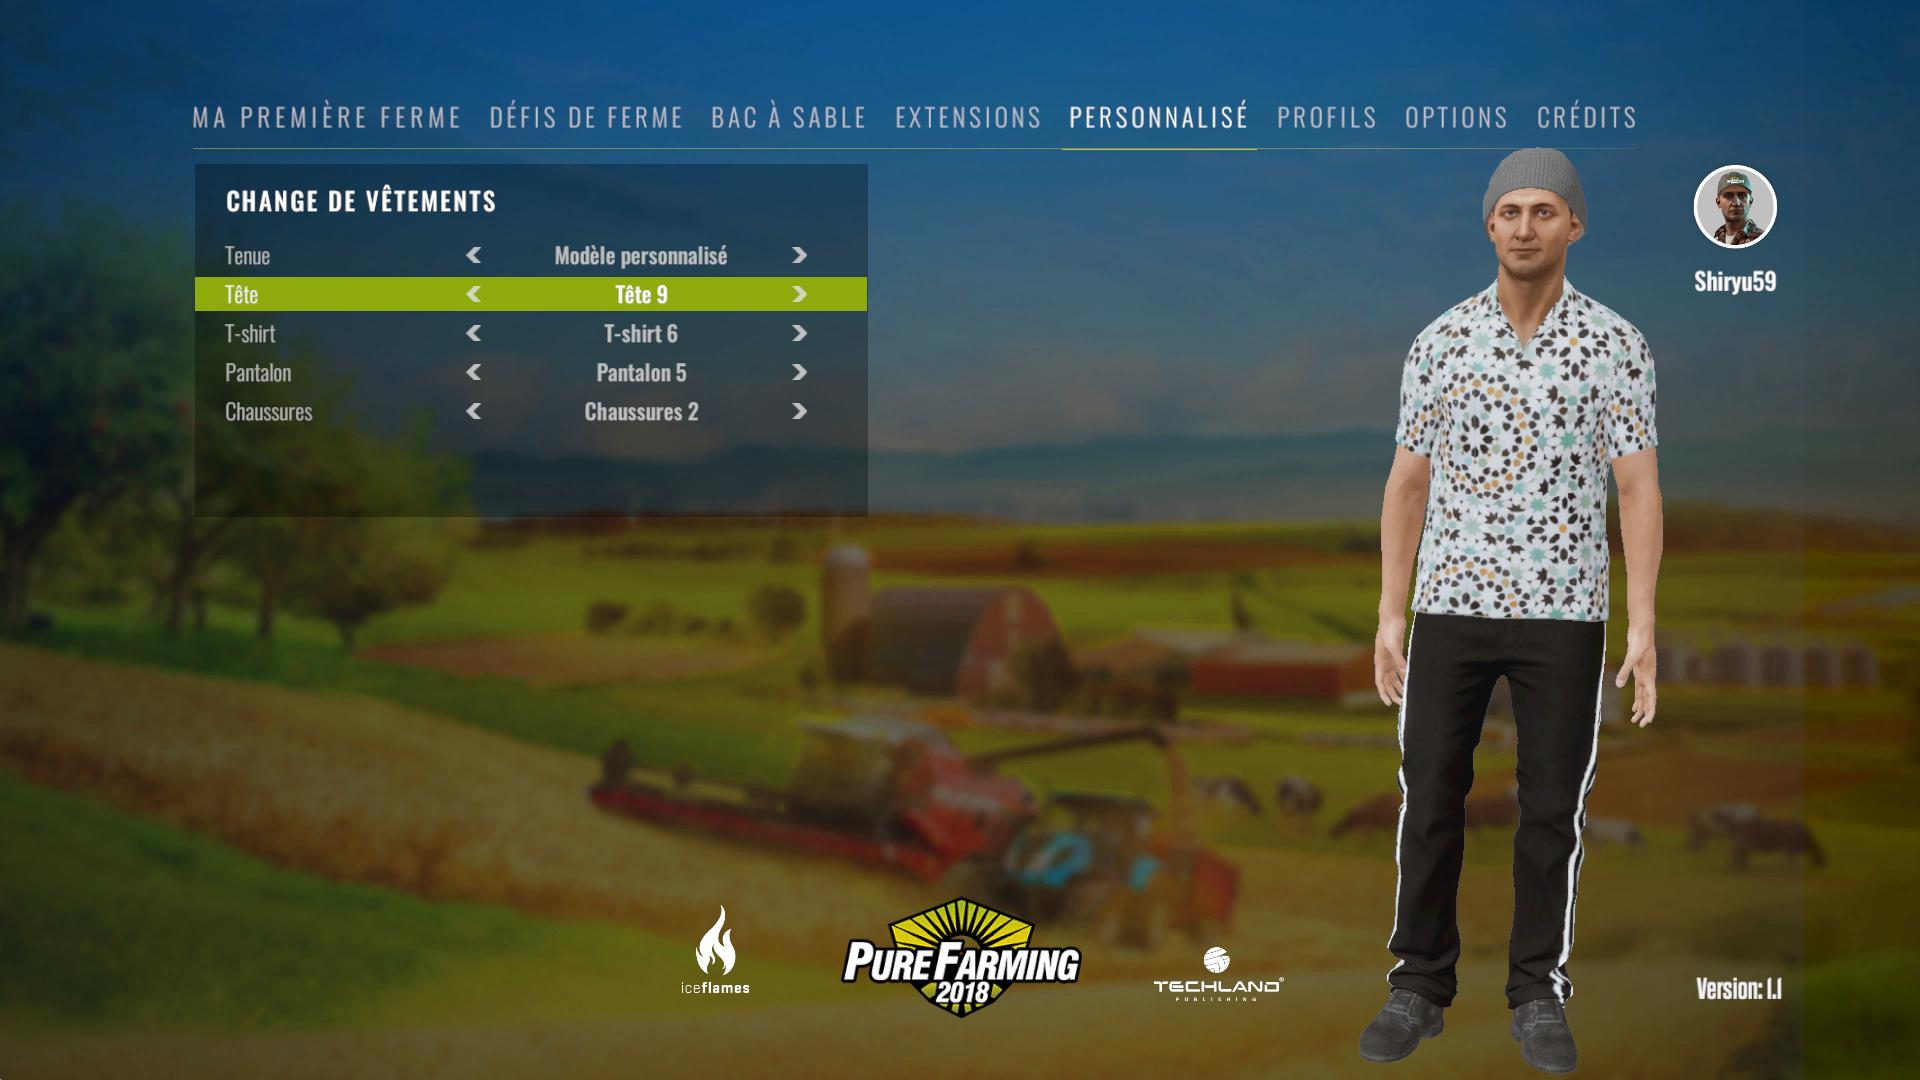 personnalisation du fermier